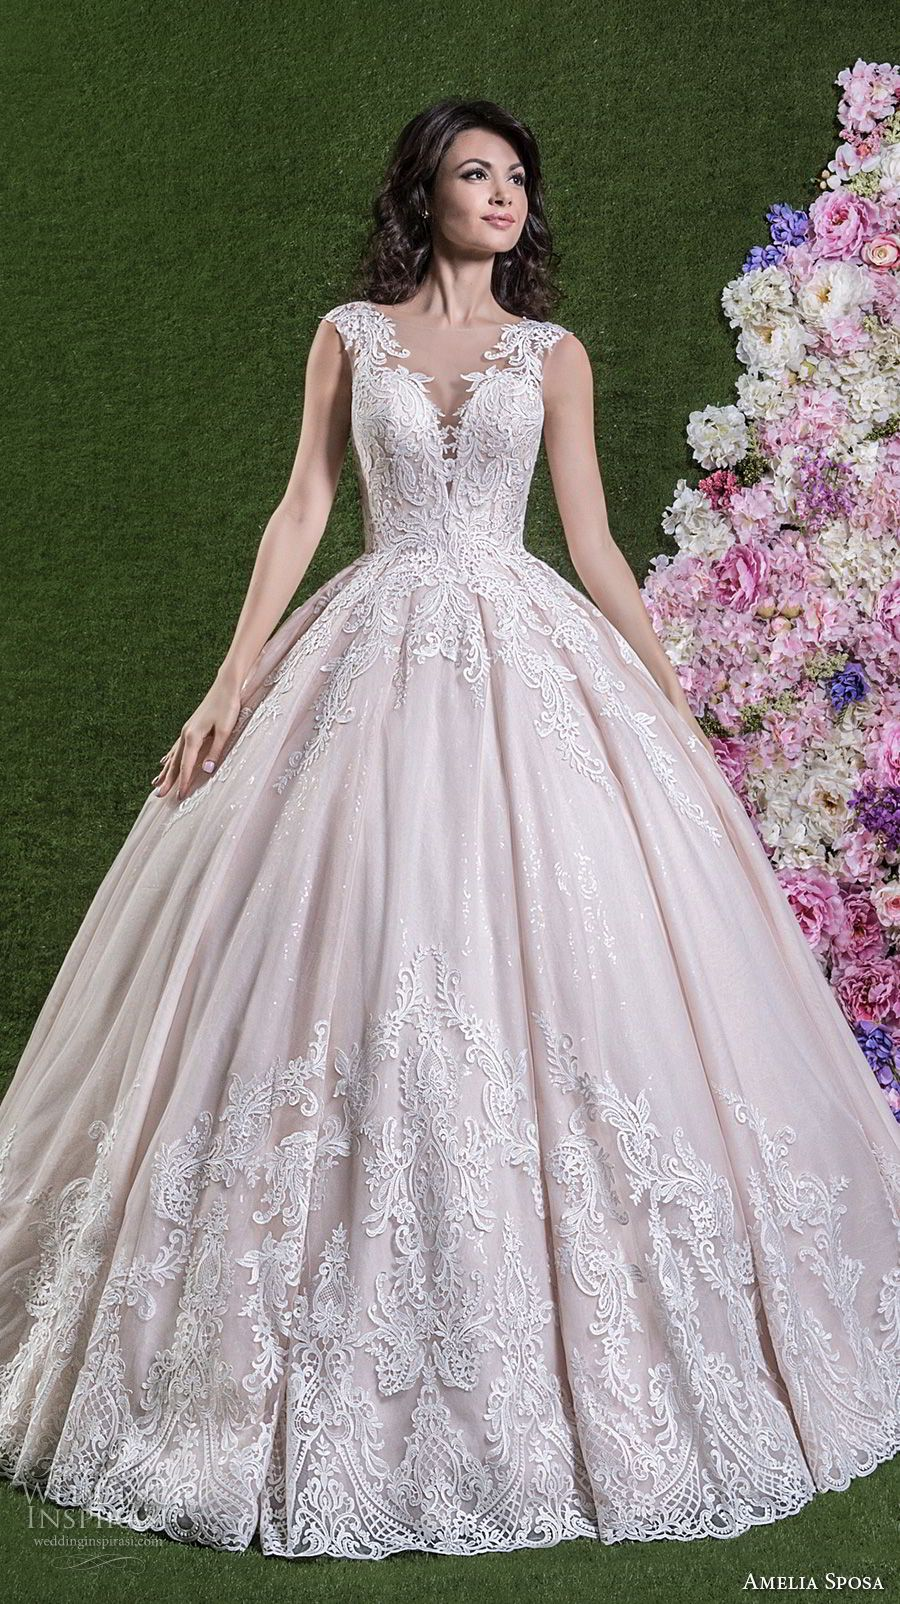 Hayley paige dori wedding dress  Amelia Sposa  Wedding Dresses  Amelia sposa Amelia and Ball gowns